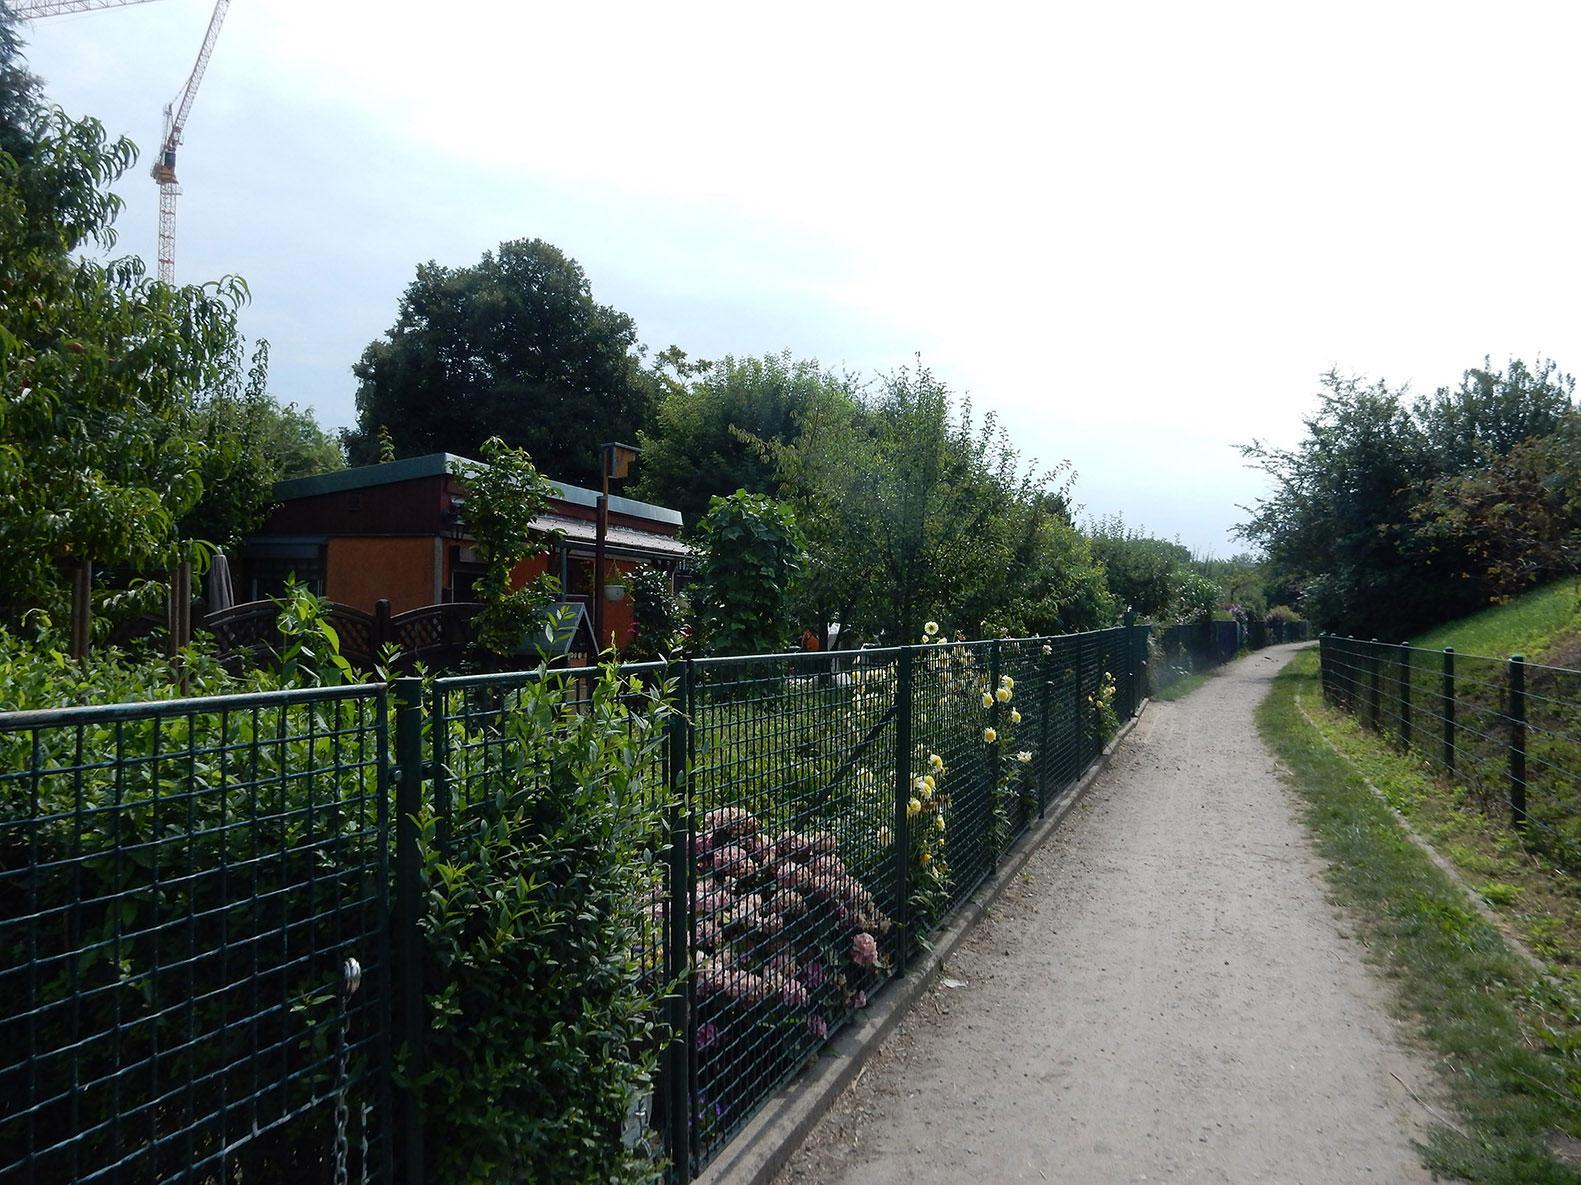 Radtour durch Friedrichsfelde, Karlshorst und Schöneweide